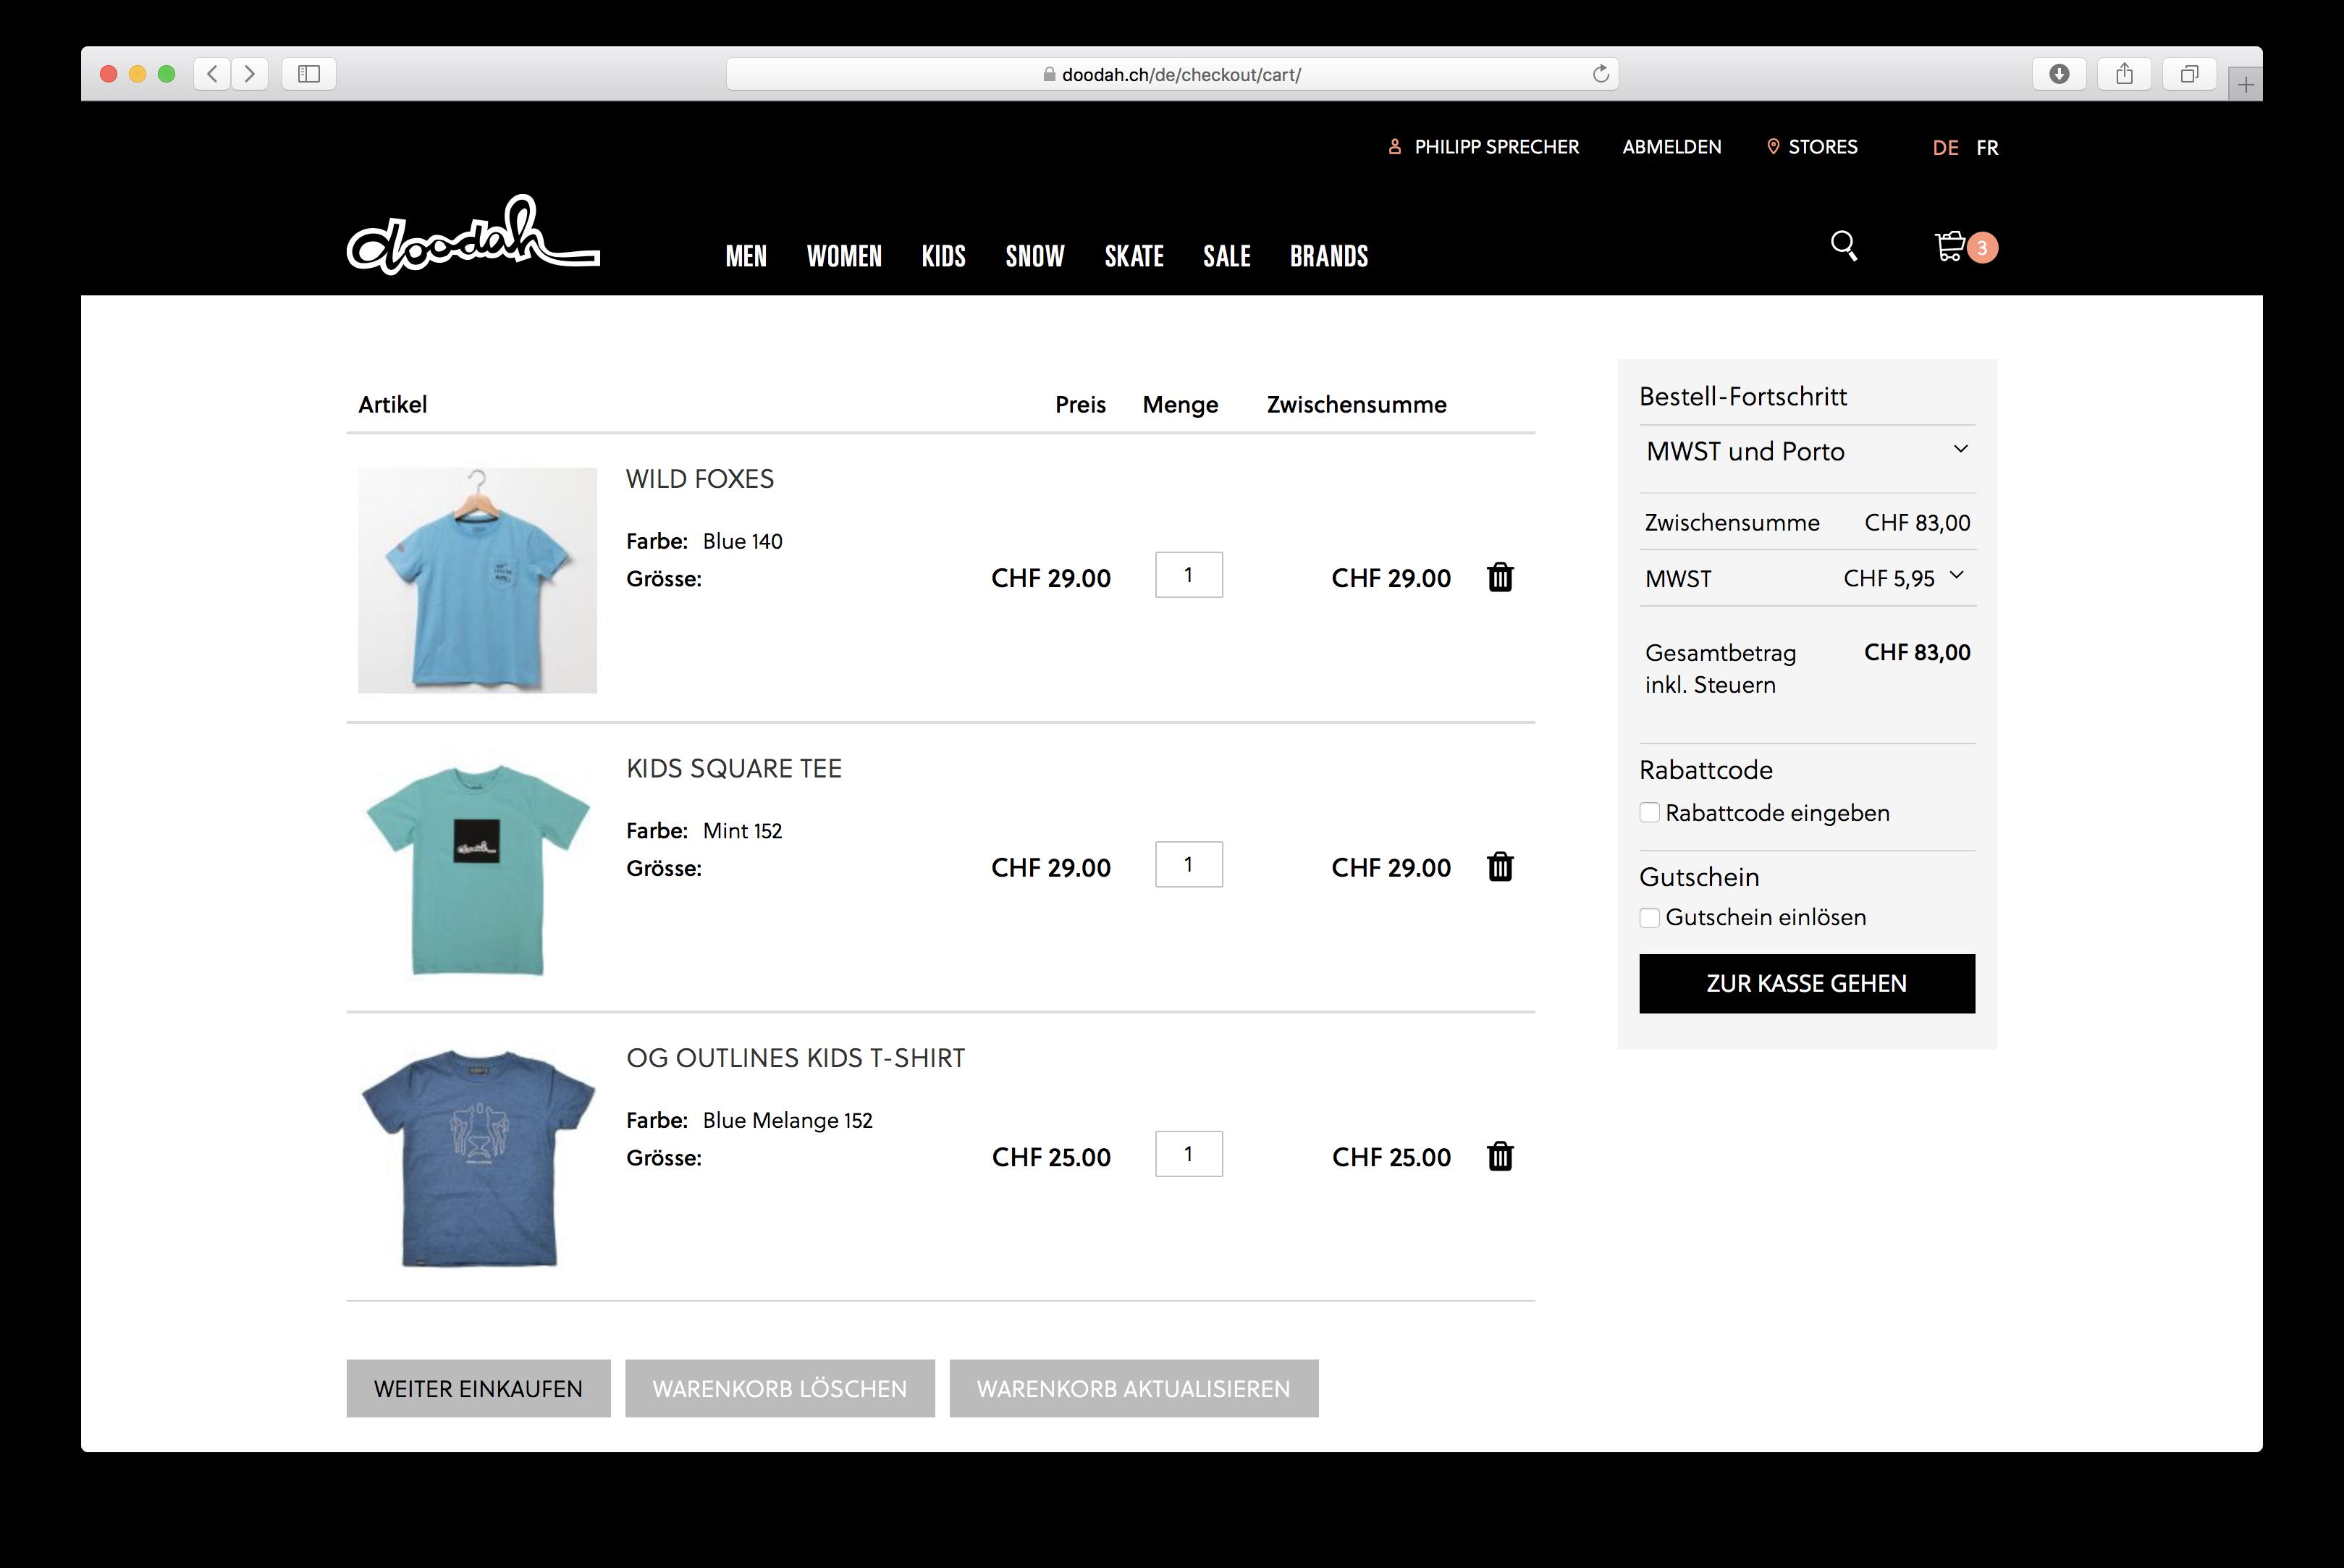 Warenkorb-Seite auf doodah.ch, dem Fashion-Onlineshop basierend auf Magento 2 von insign